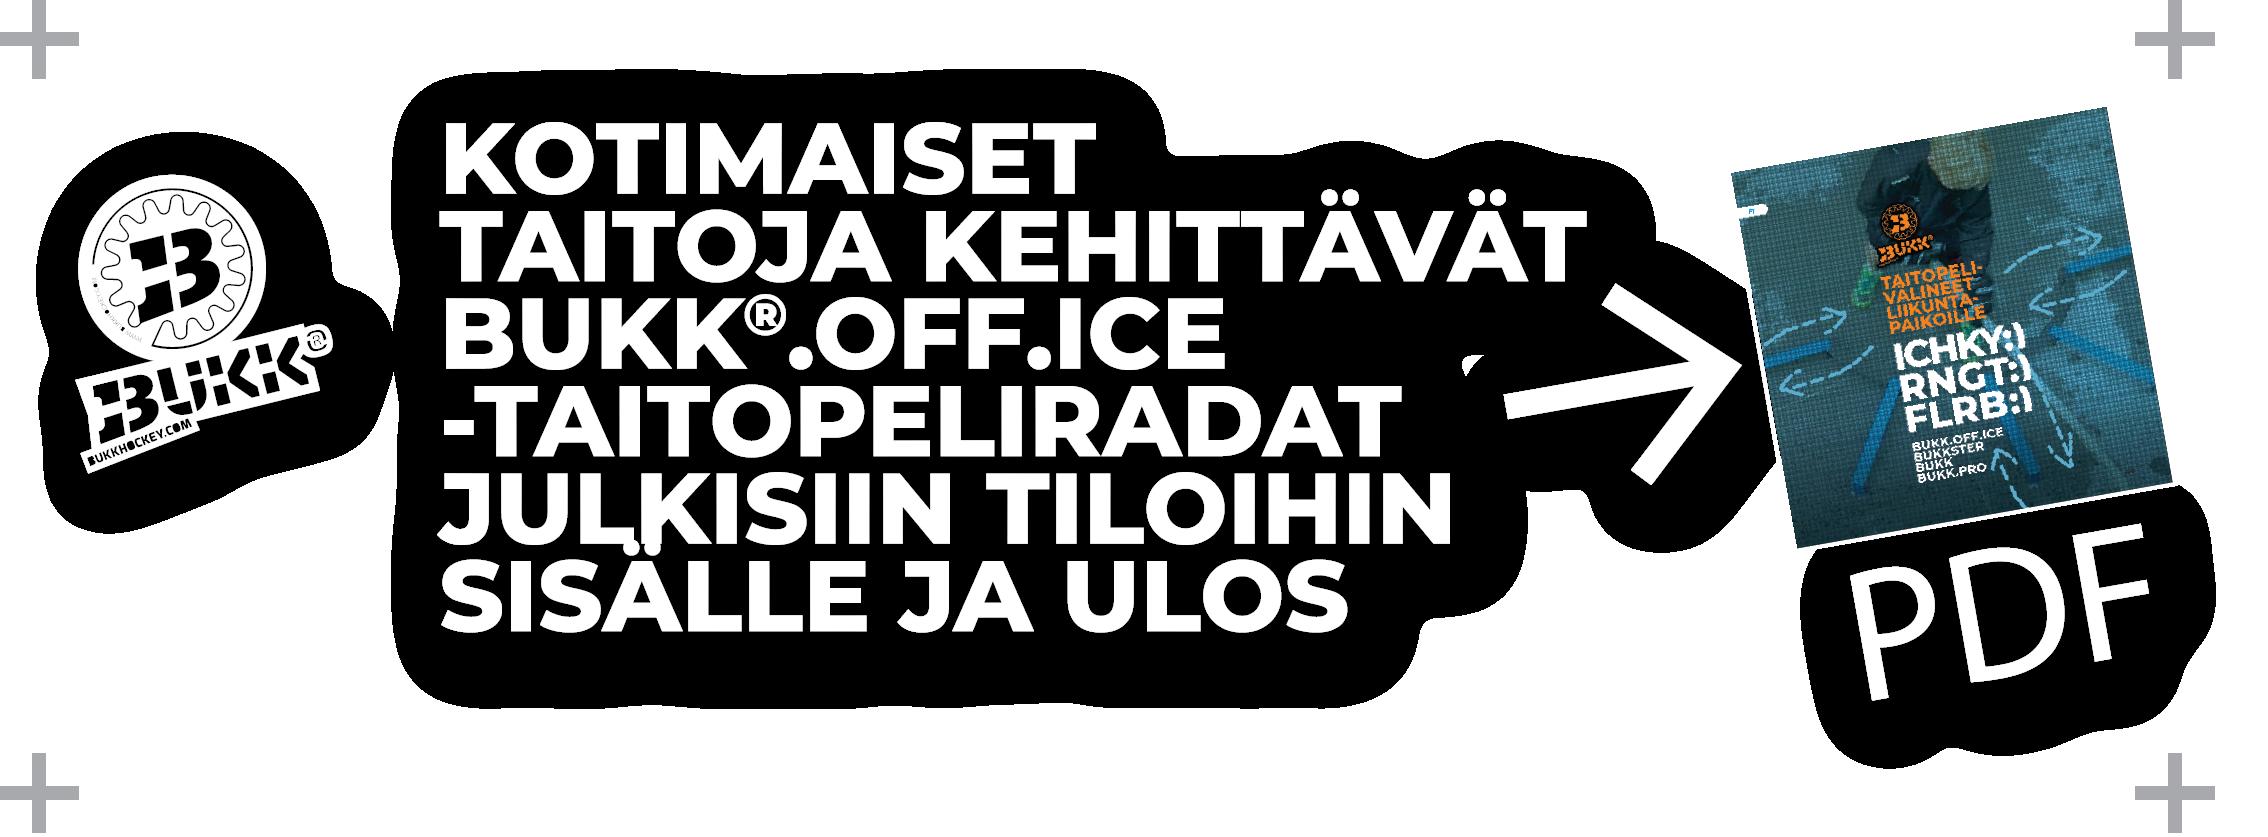 BUKK-KAMPANJAT-UUTISET-bukkoffice-marras